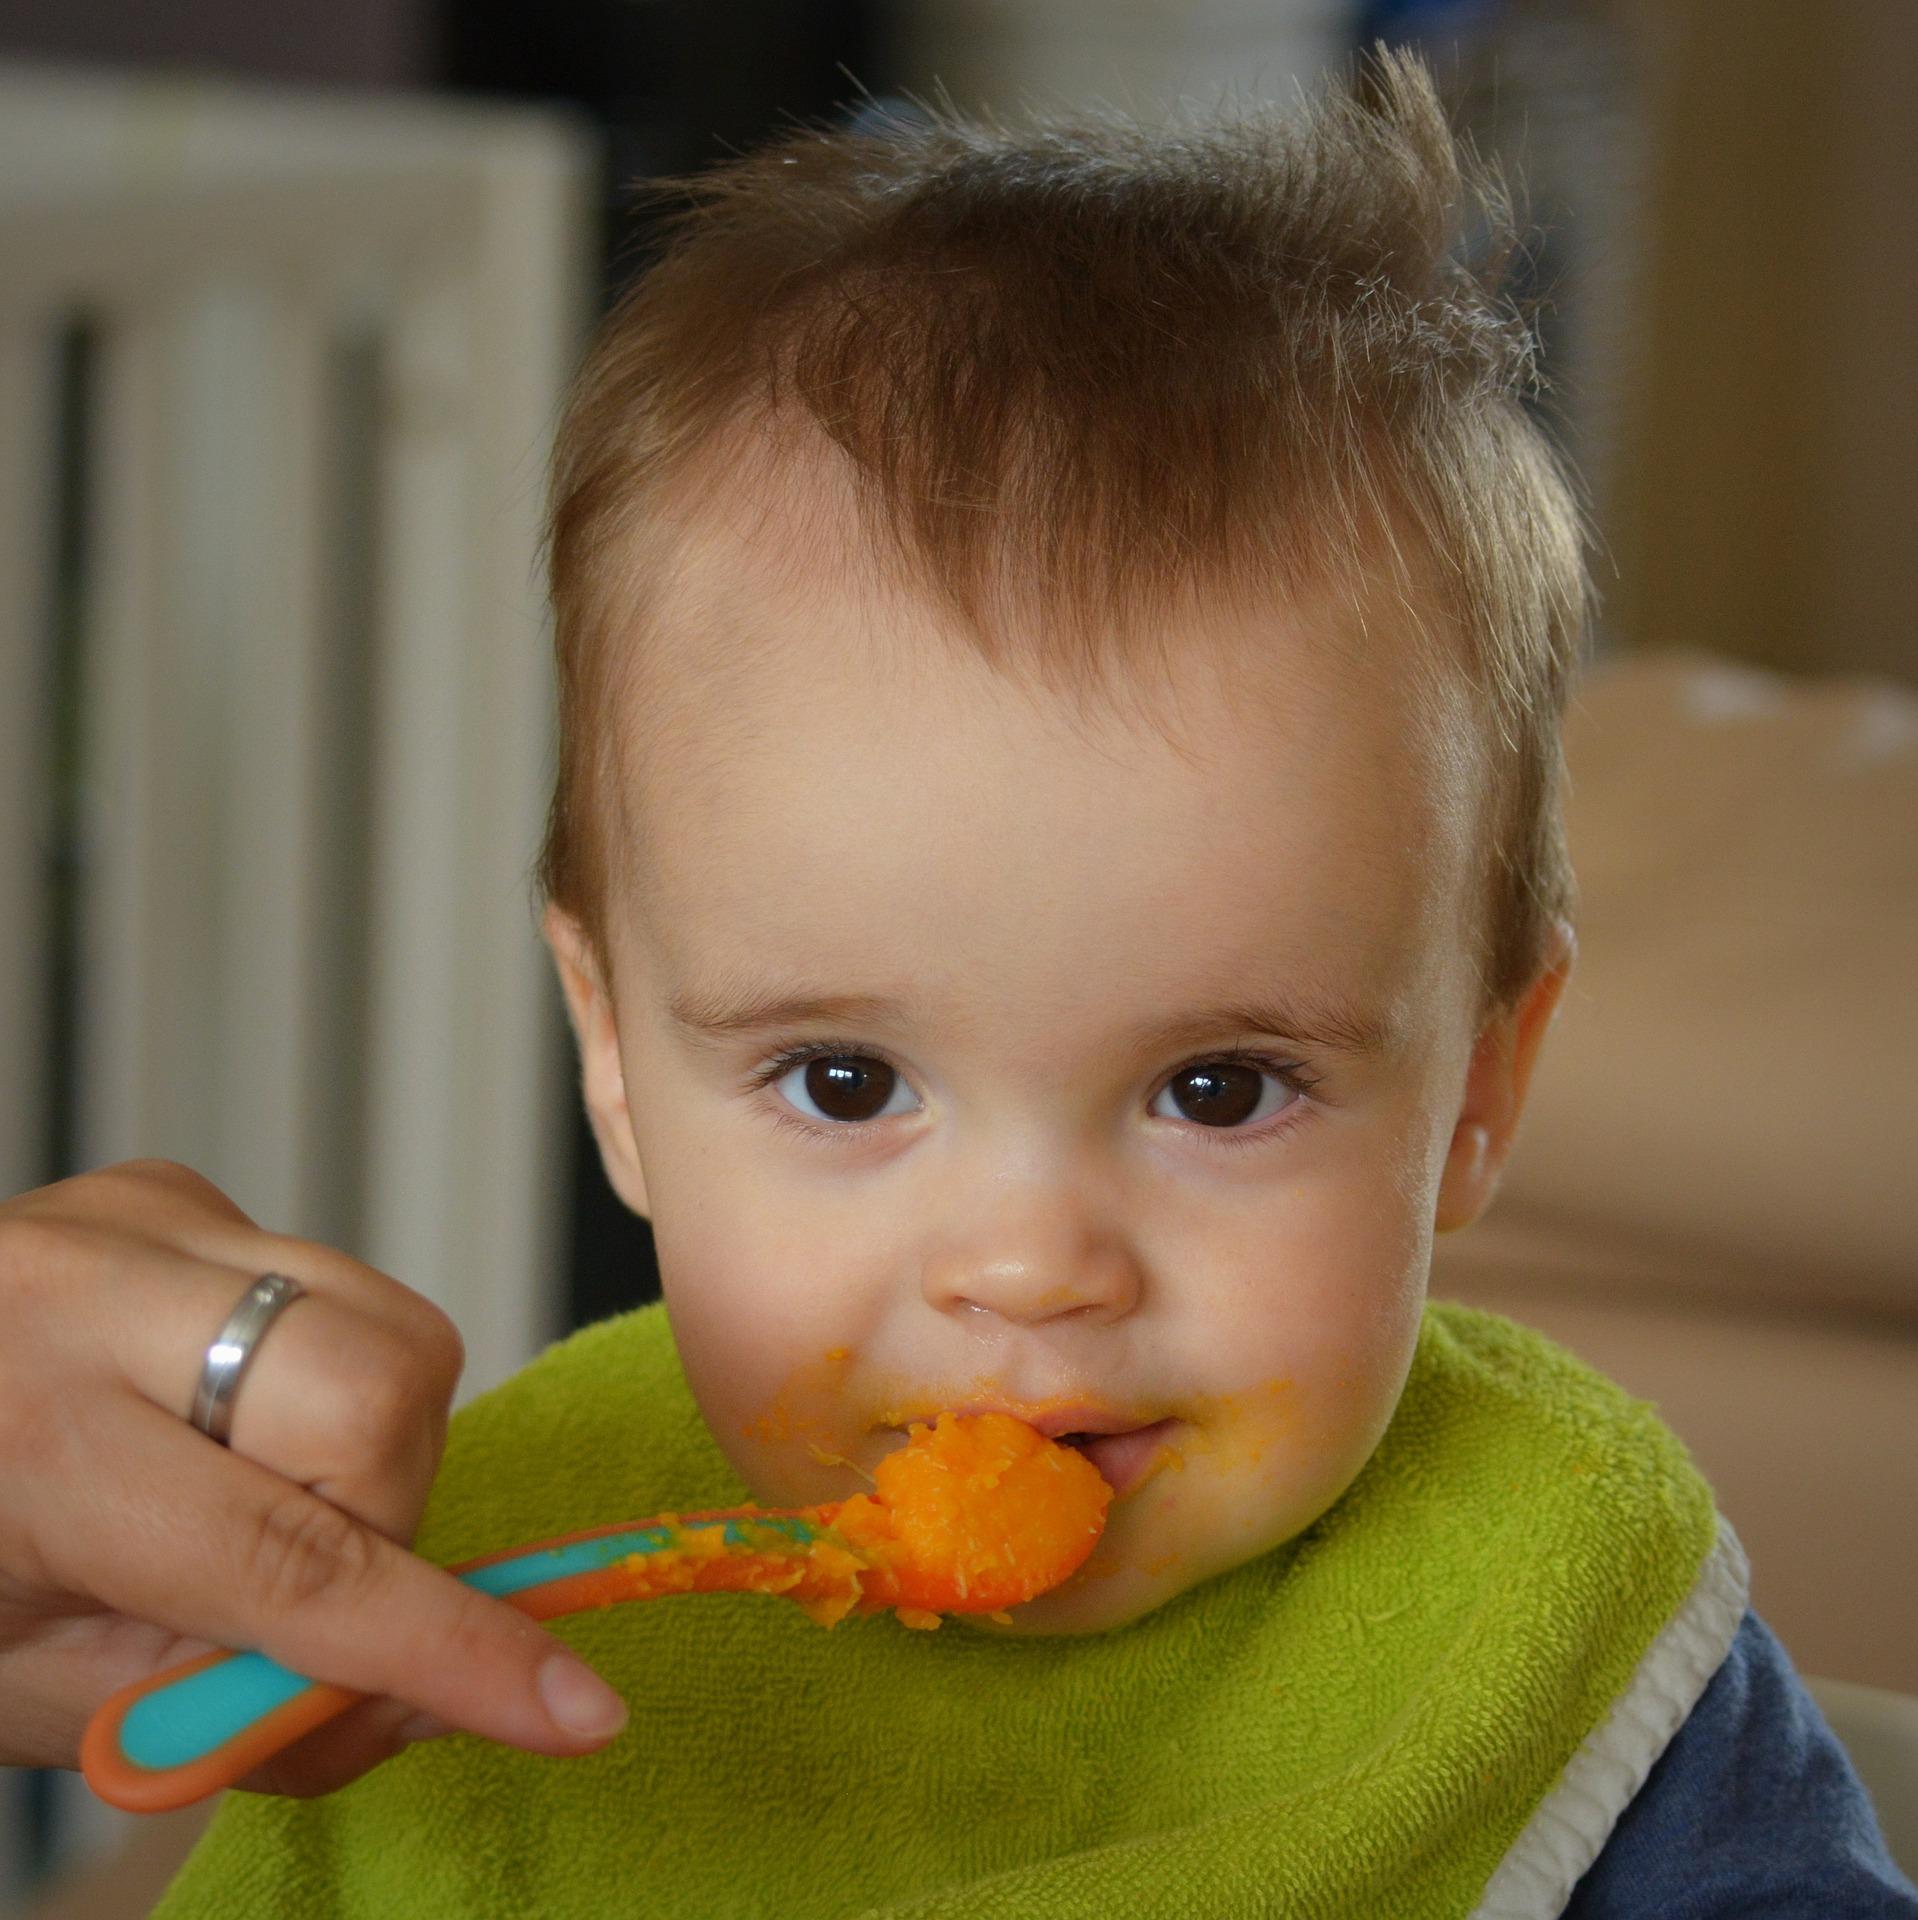 Comment diversifier bébé ? – Diversification classique